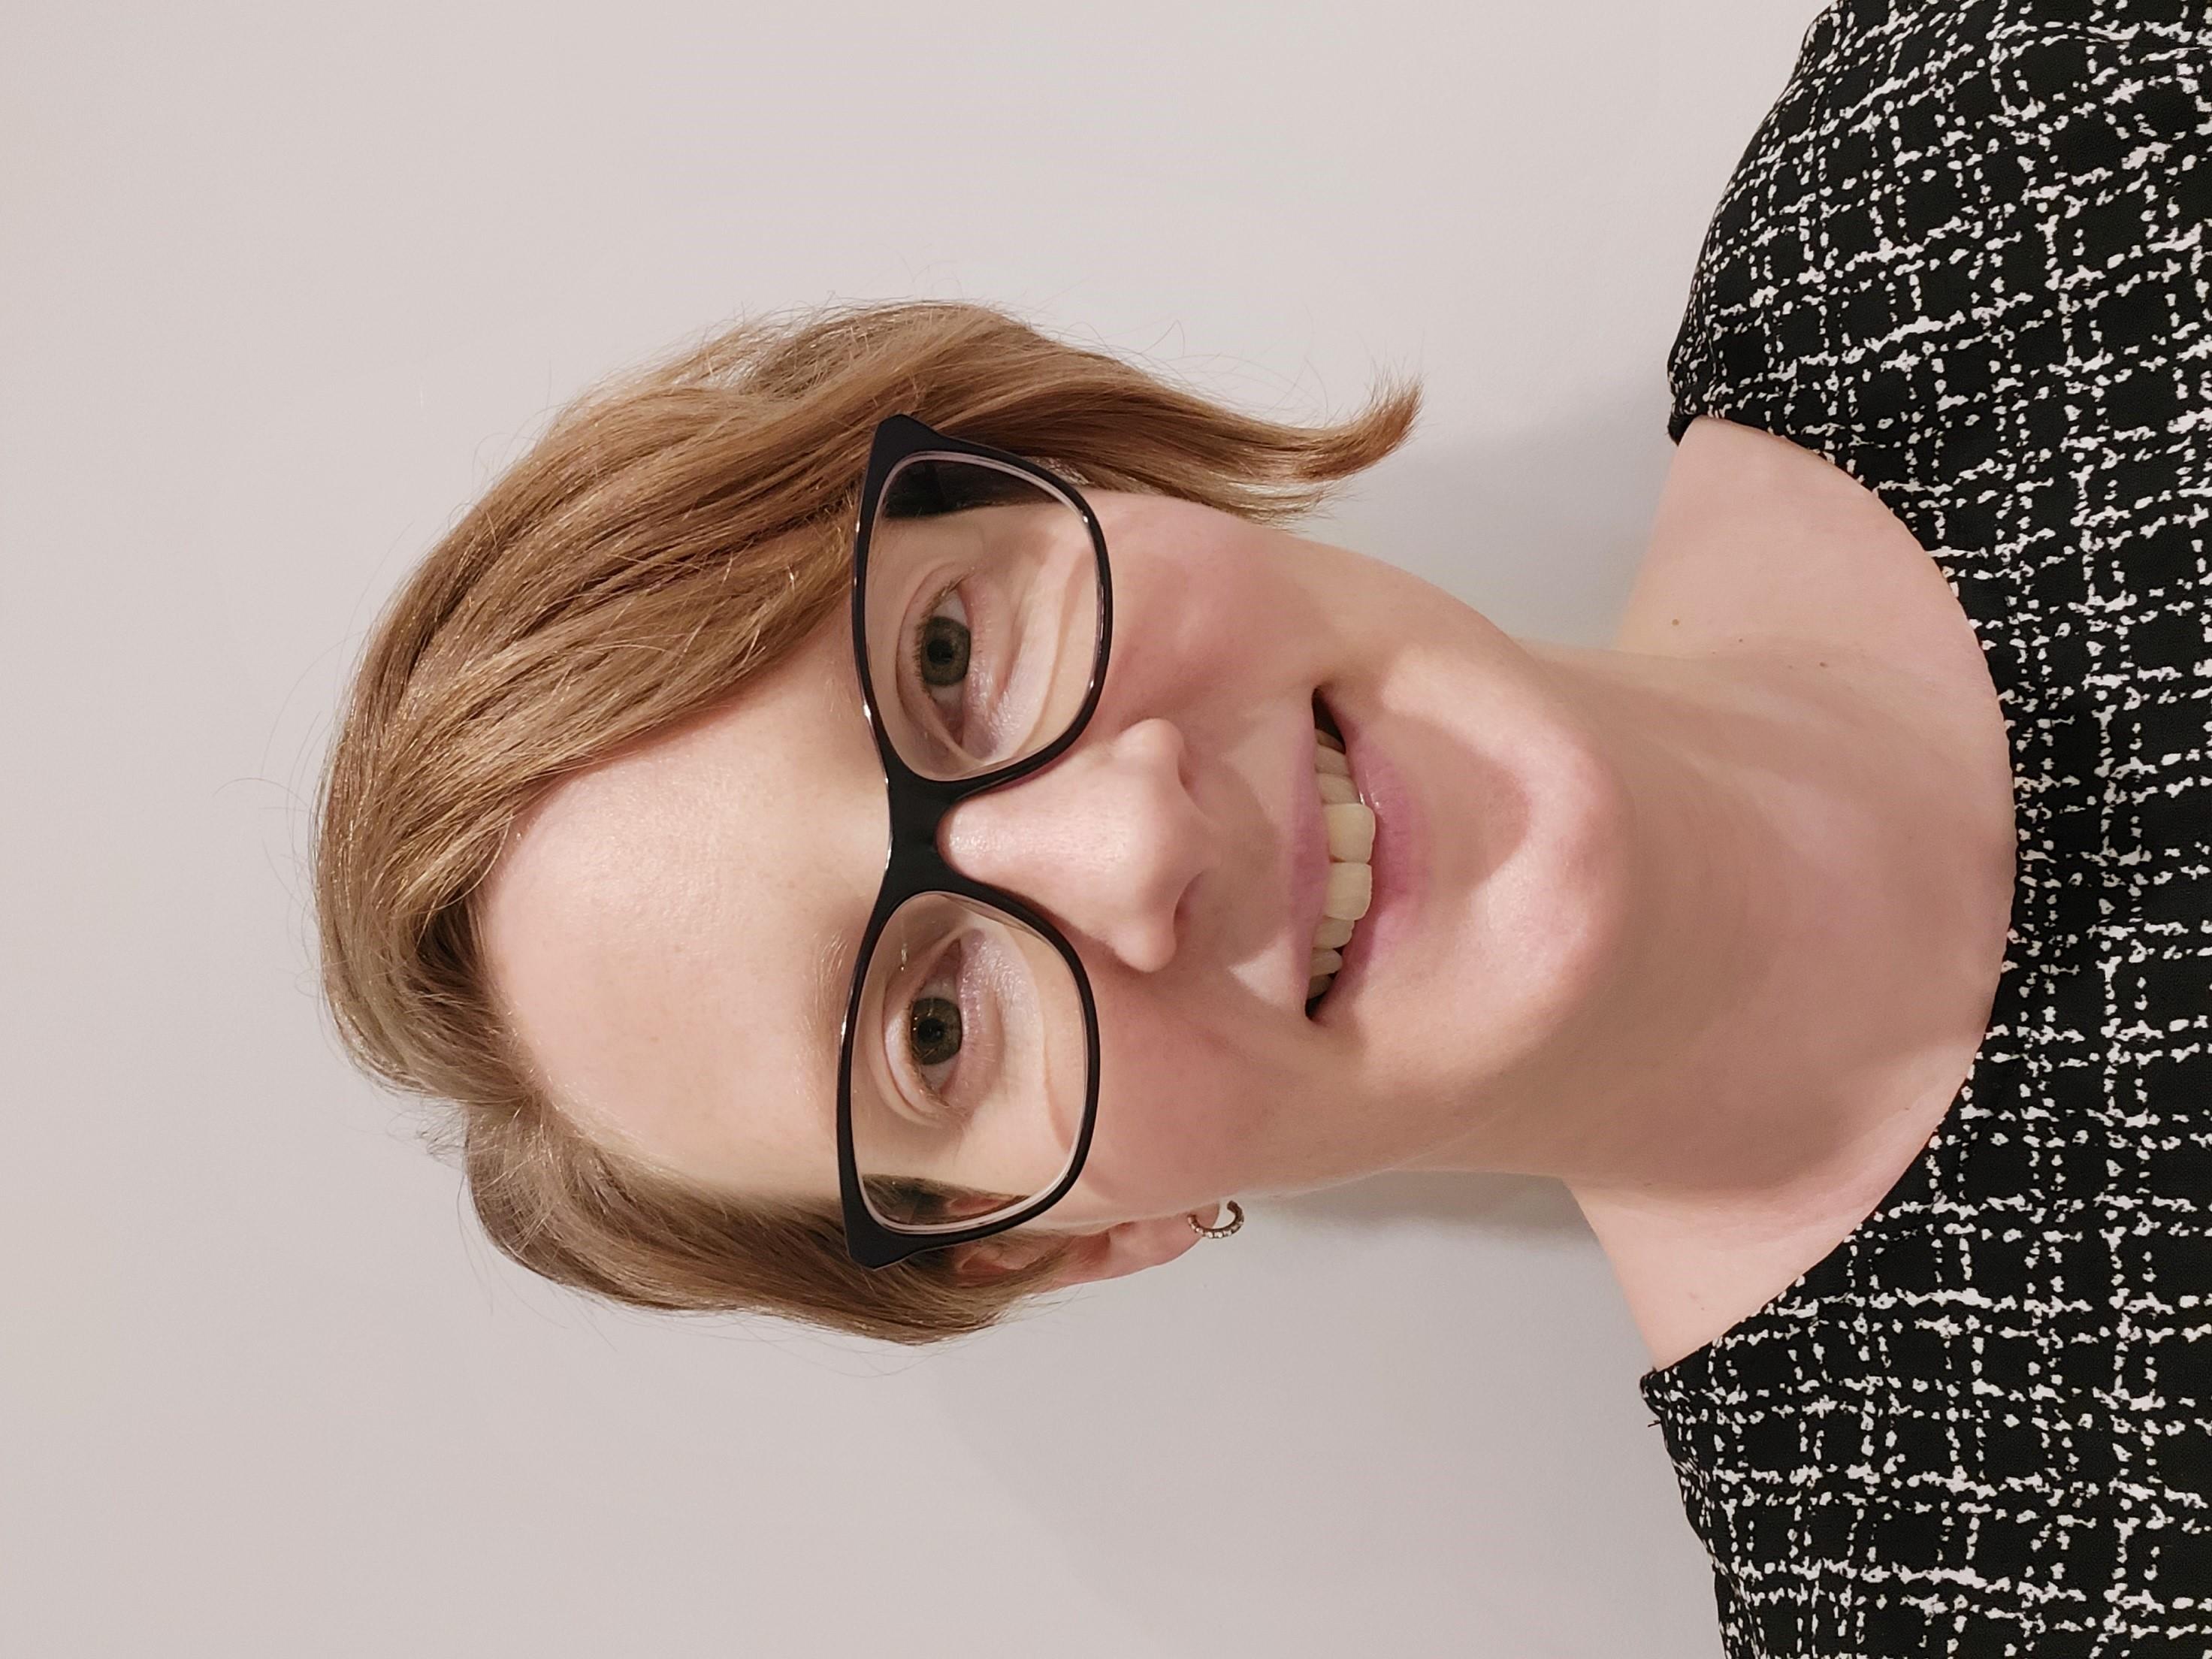 Joanne Pammen